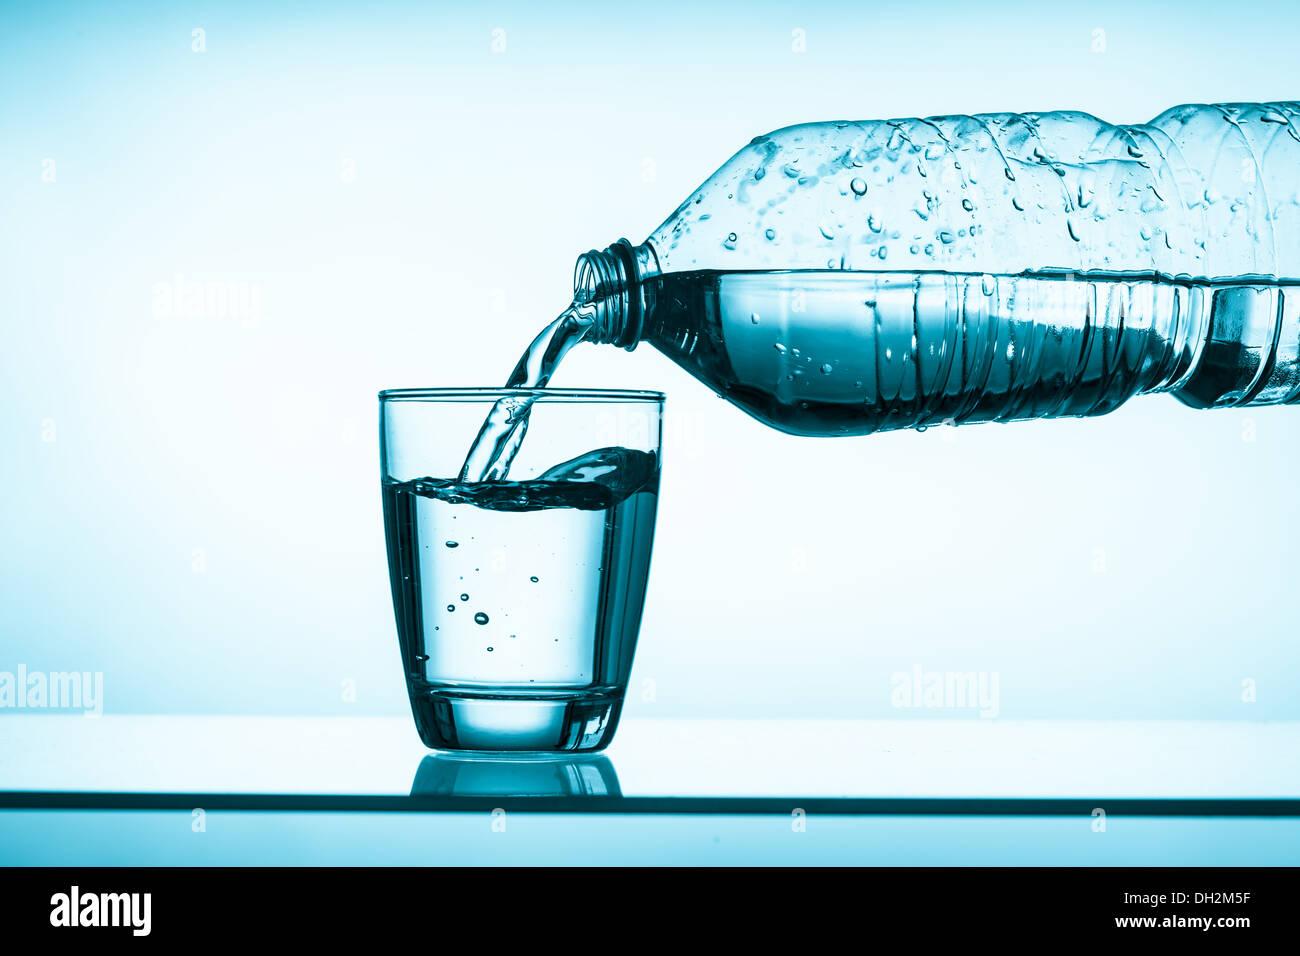 Y un vaso de agua embotellada Imagen De Stock